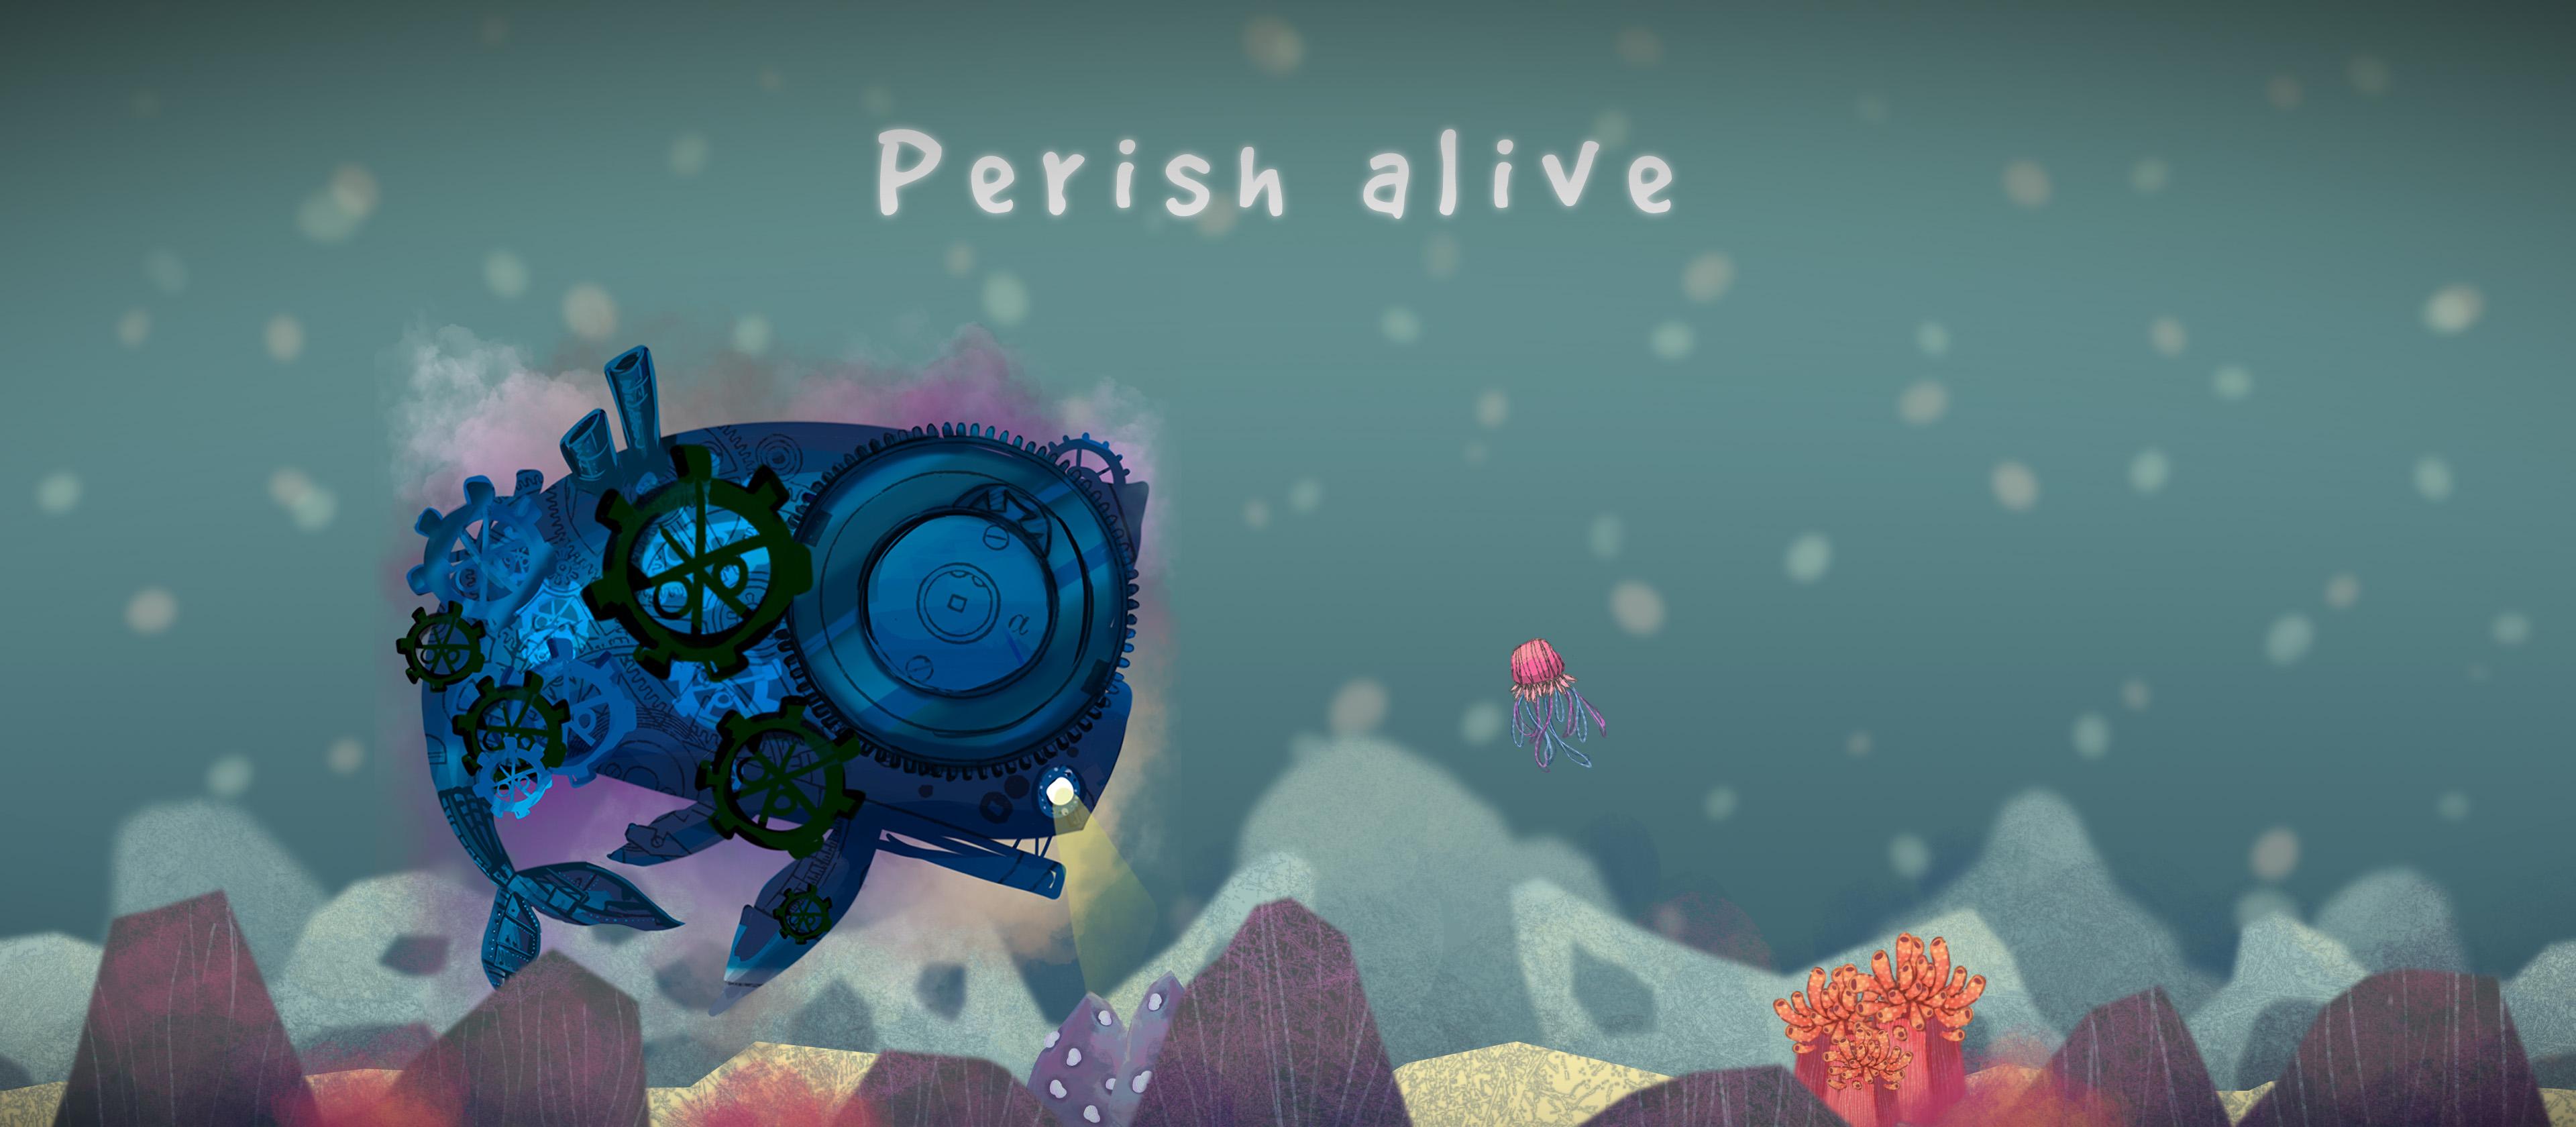 Perish alive